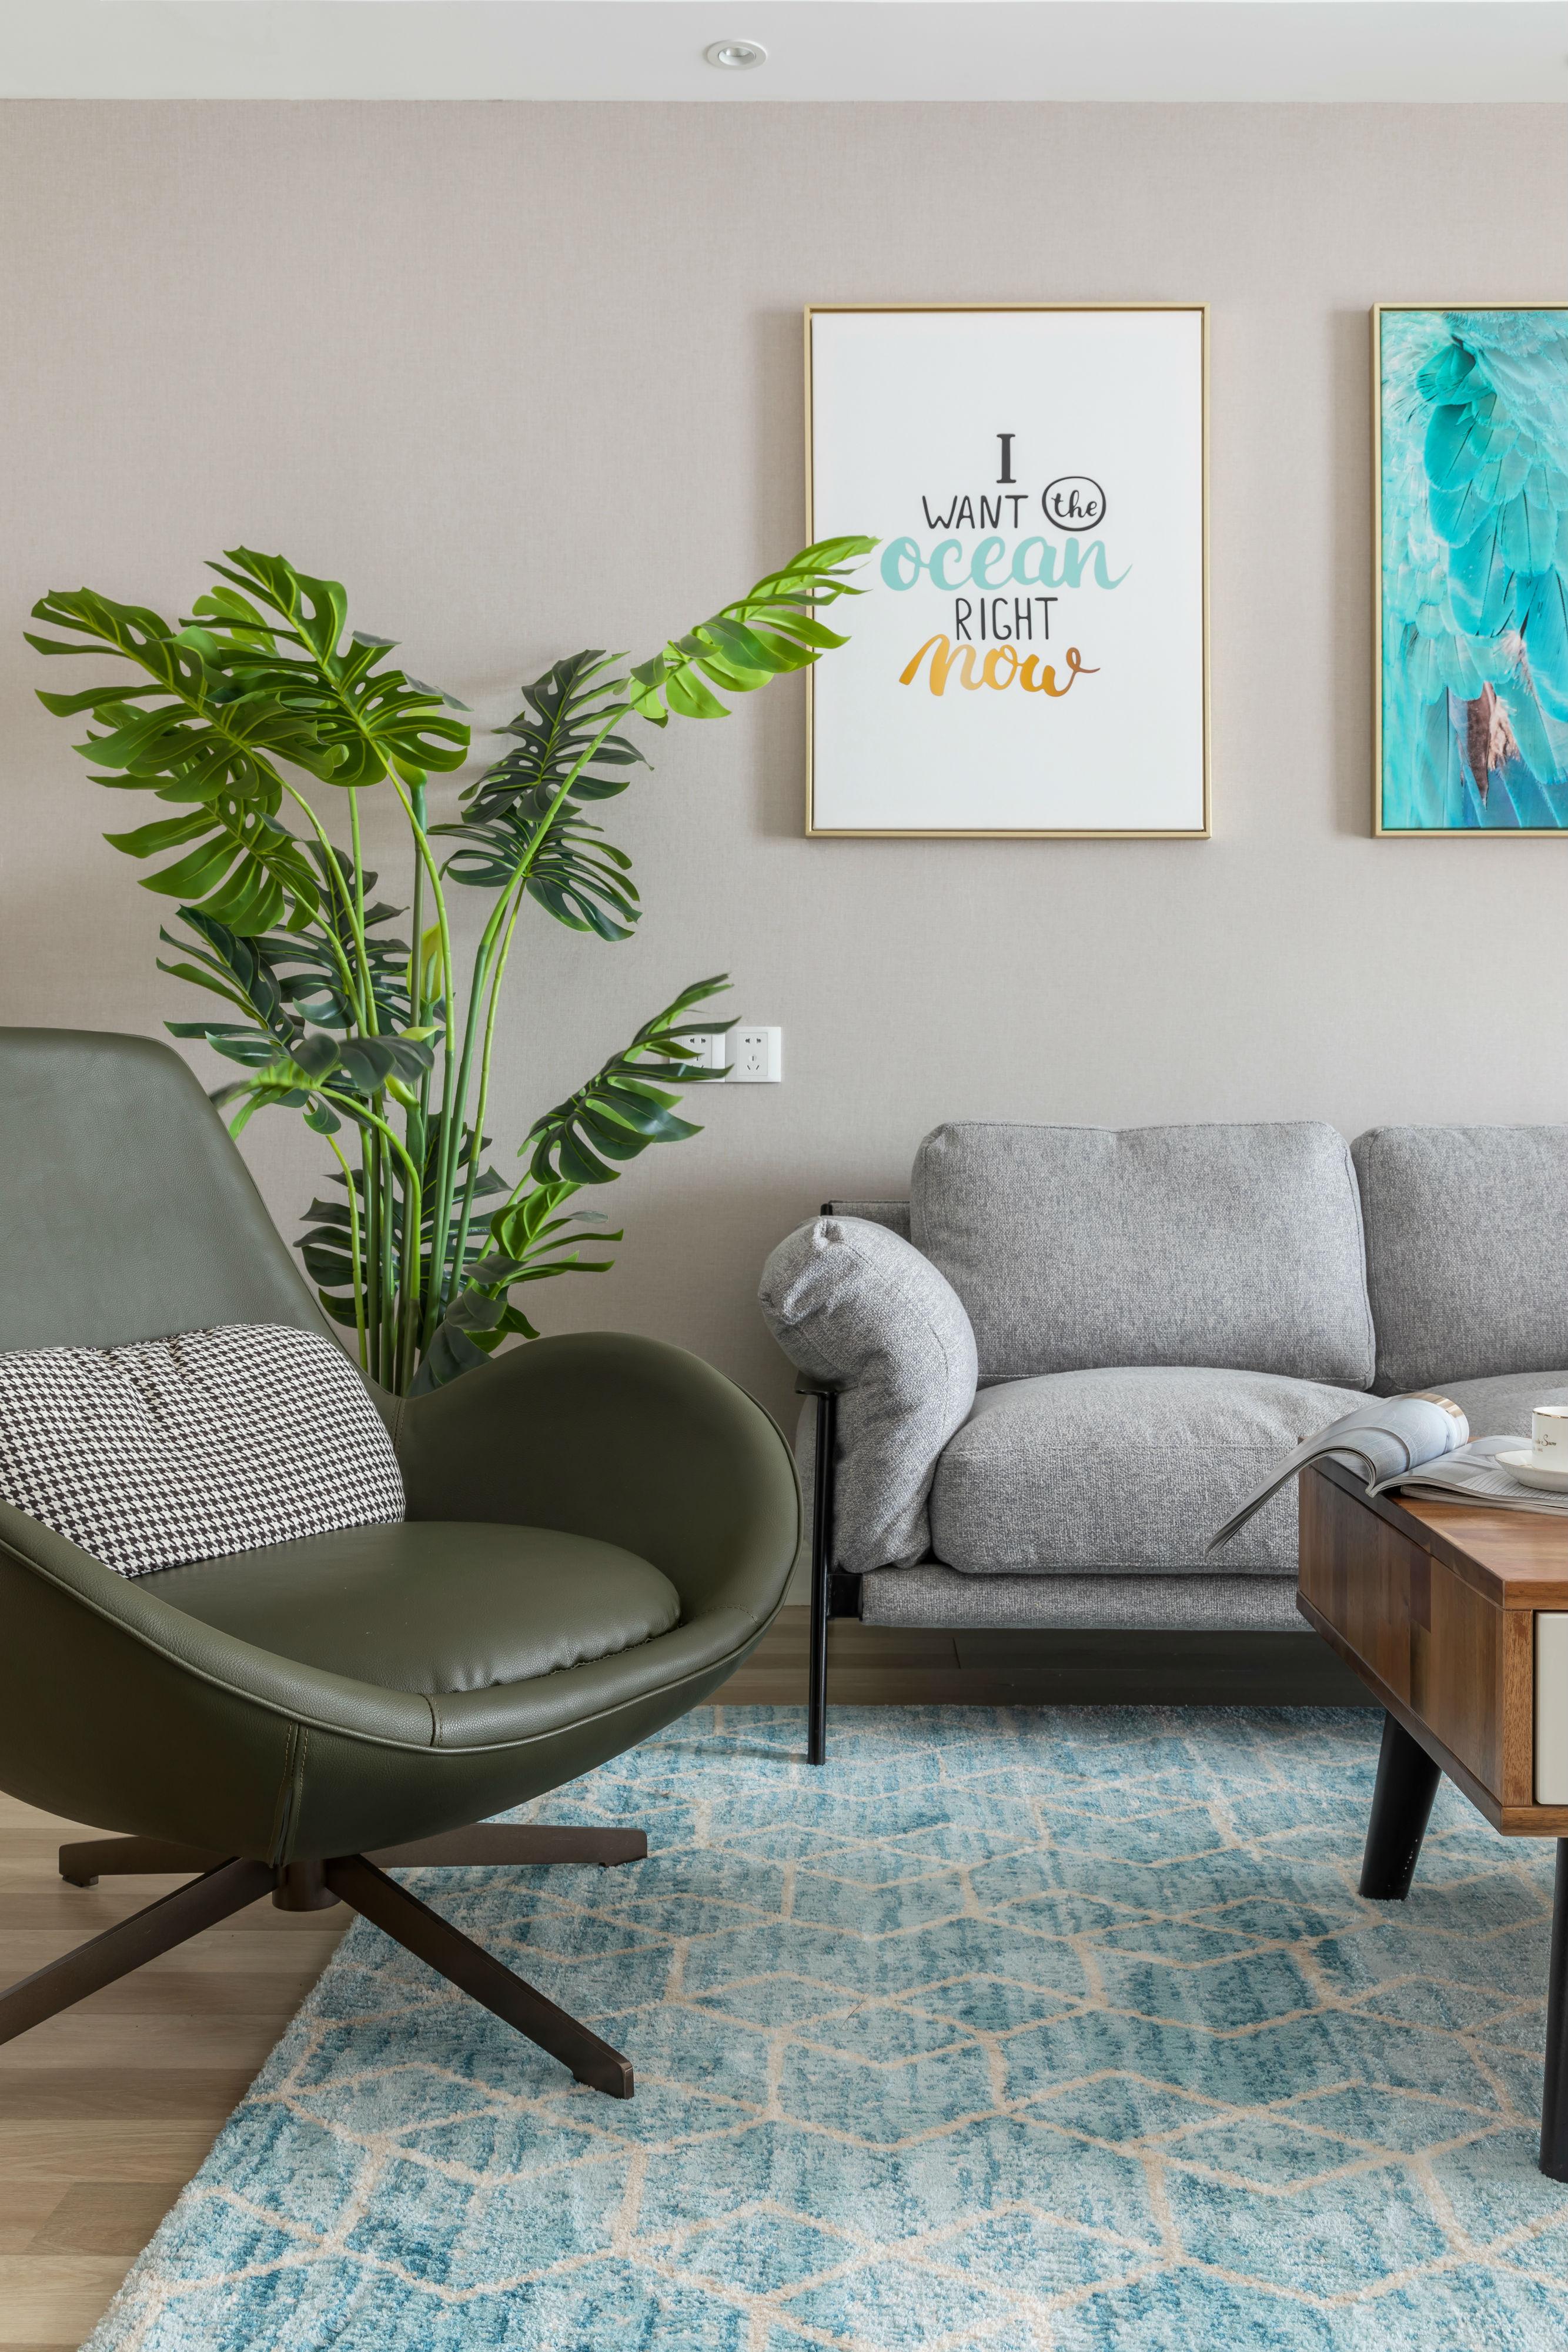 质朴96平欧式三居客厅装修美图客厅1图欧式豪华客厅设计图片赏析